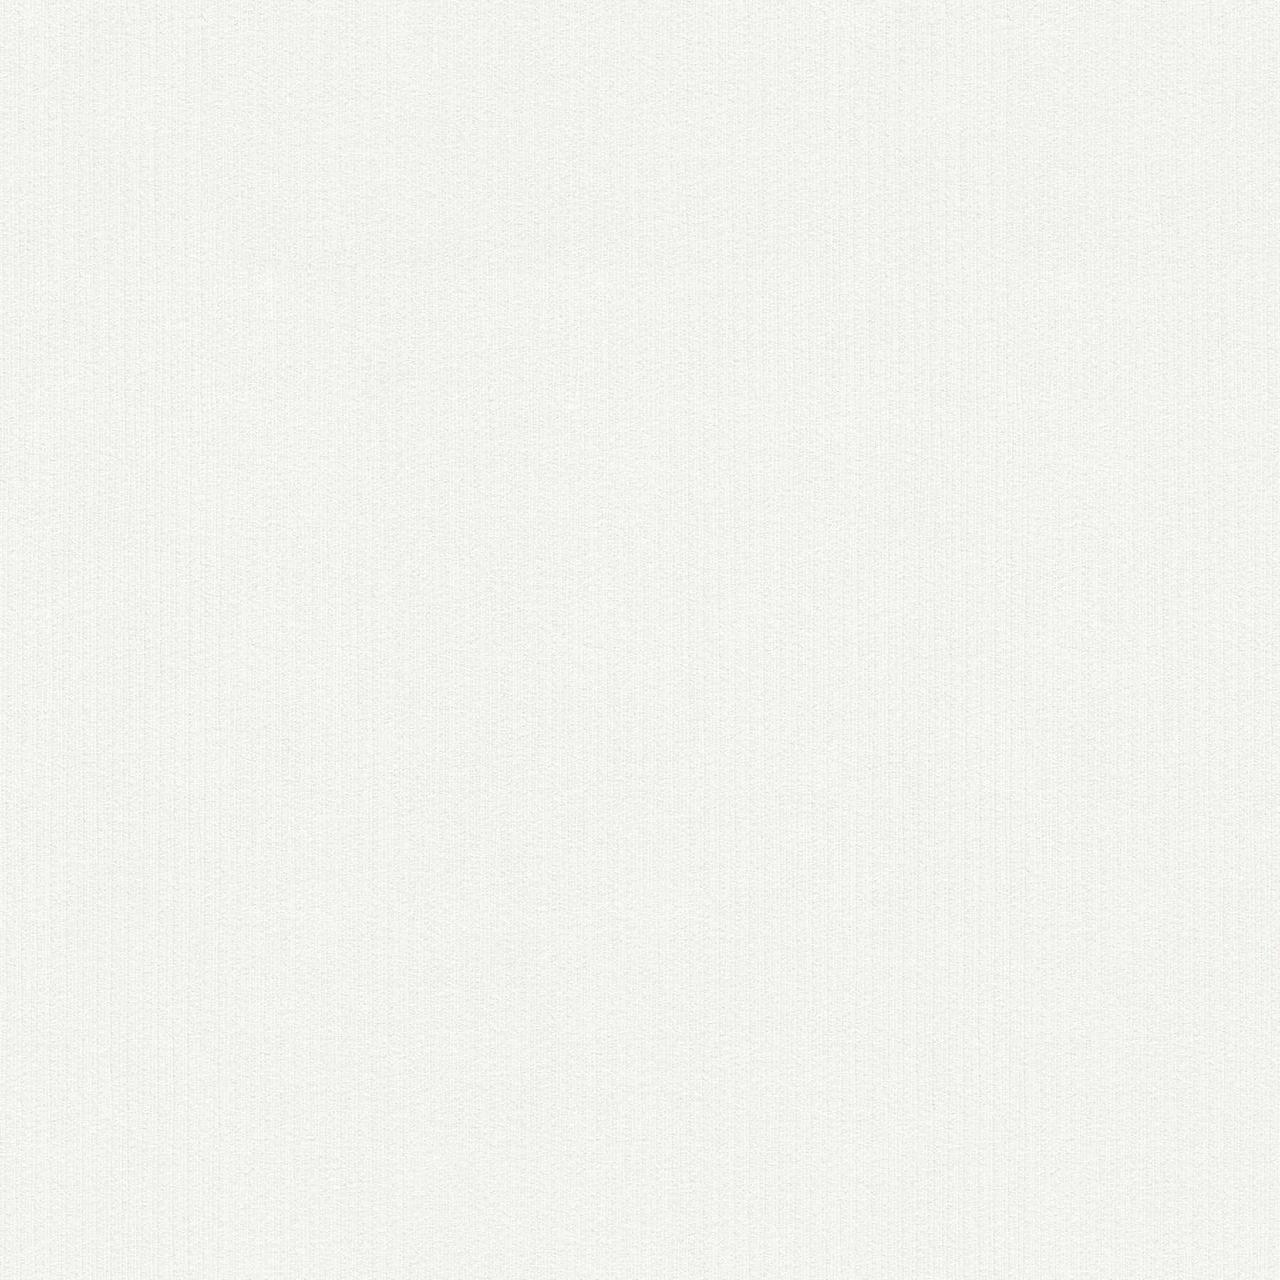 Однотонні білі фактурні шпалери 344572, холодного відтінку, миються вінілові на флізеліновій основі, німецькі